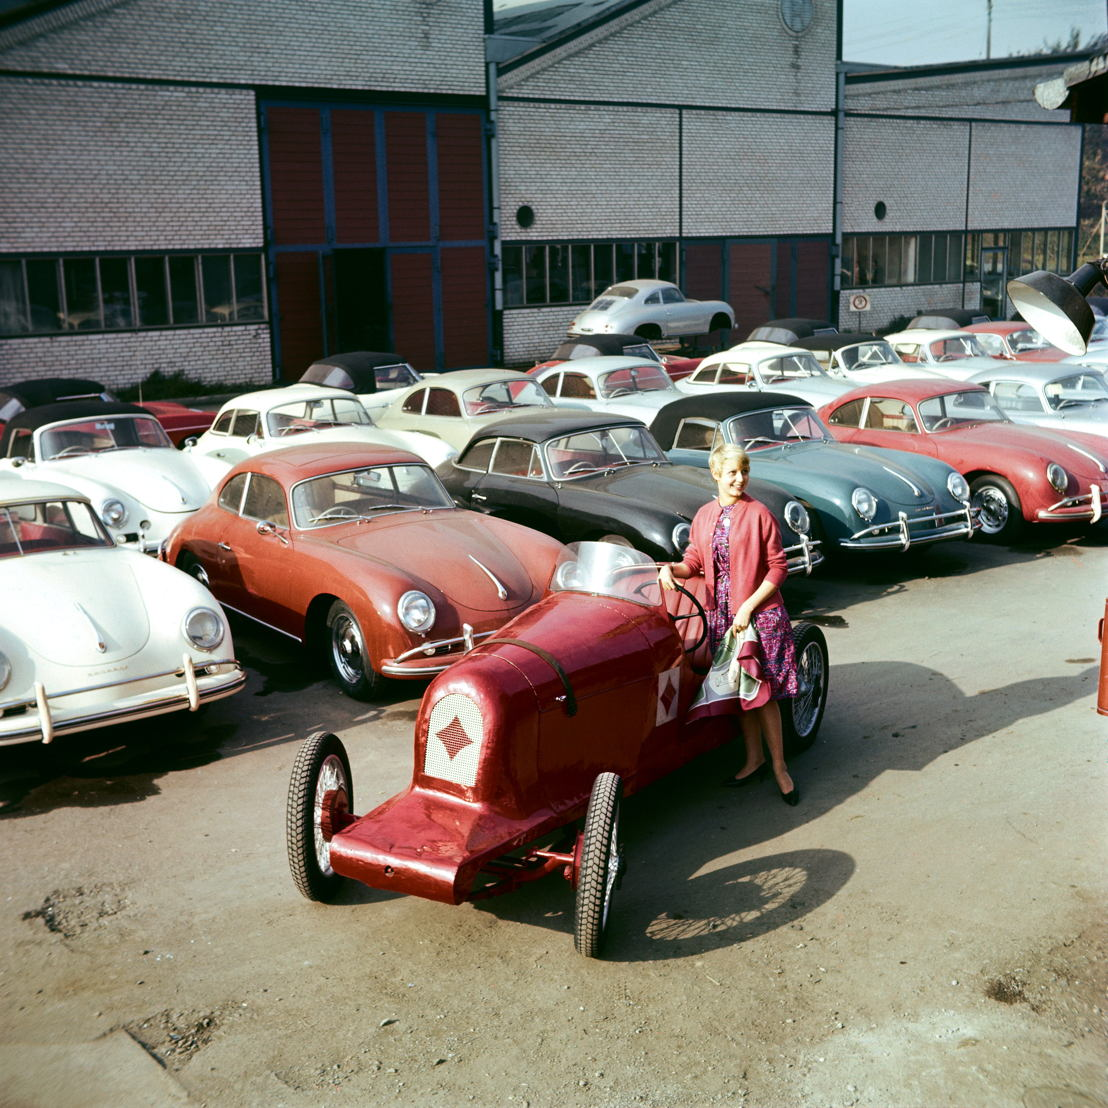 1960. Es inaugurado un Museo de Porsche en el Taller 3 de la Planta 2 de Porsche en Zuffenhausen